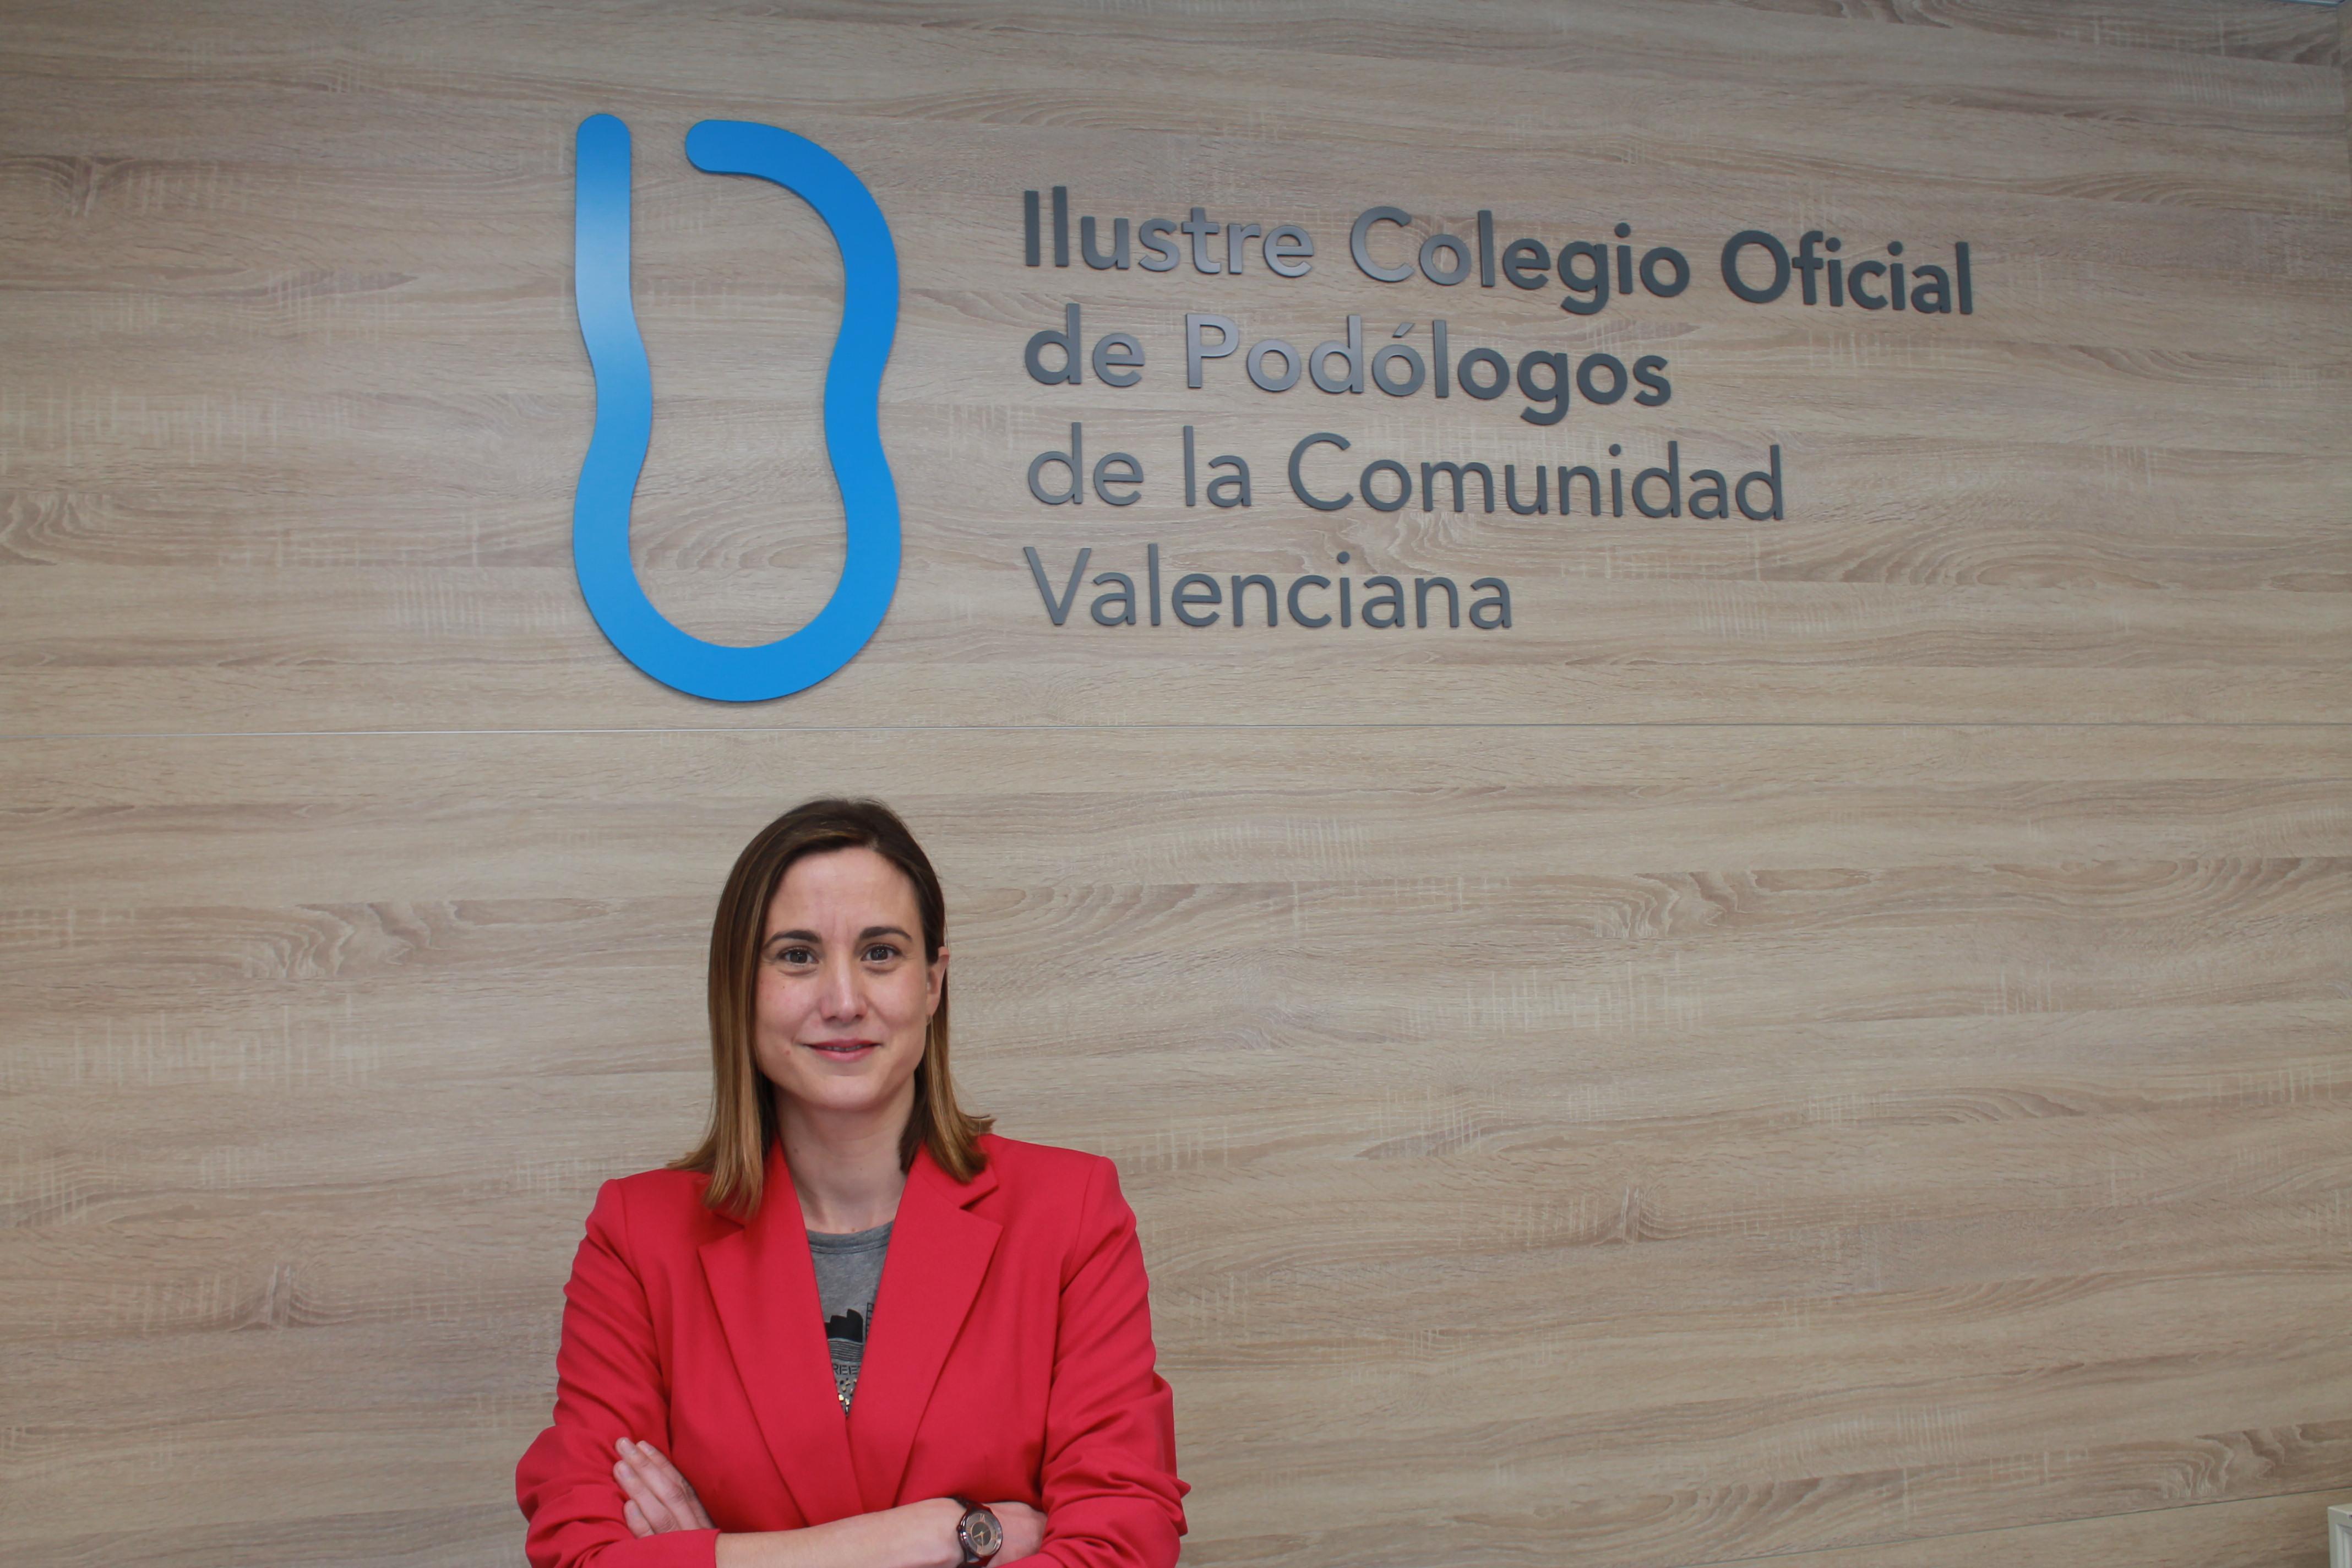 Dª Mª Pilar Nieto Gil